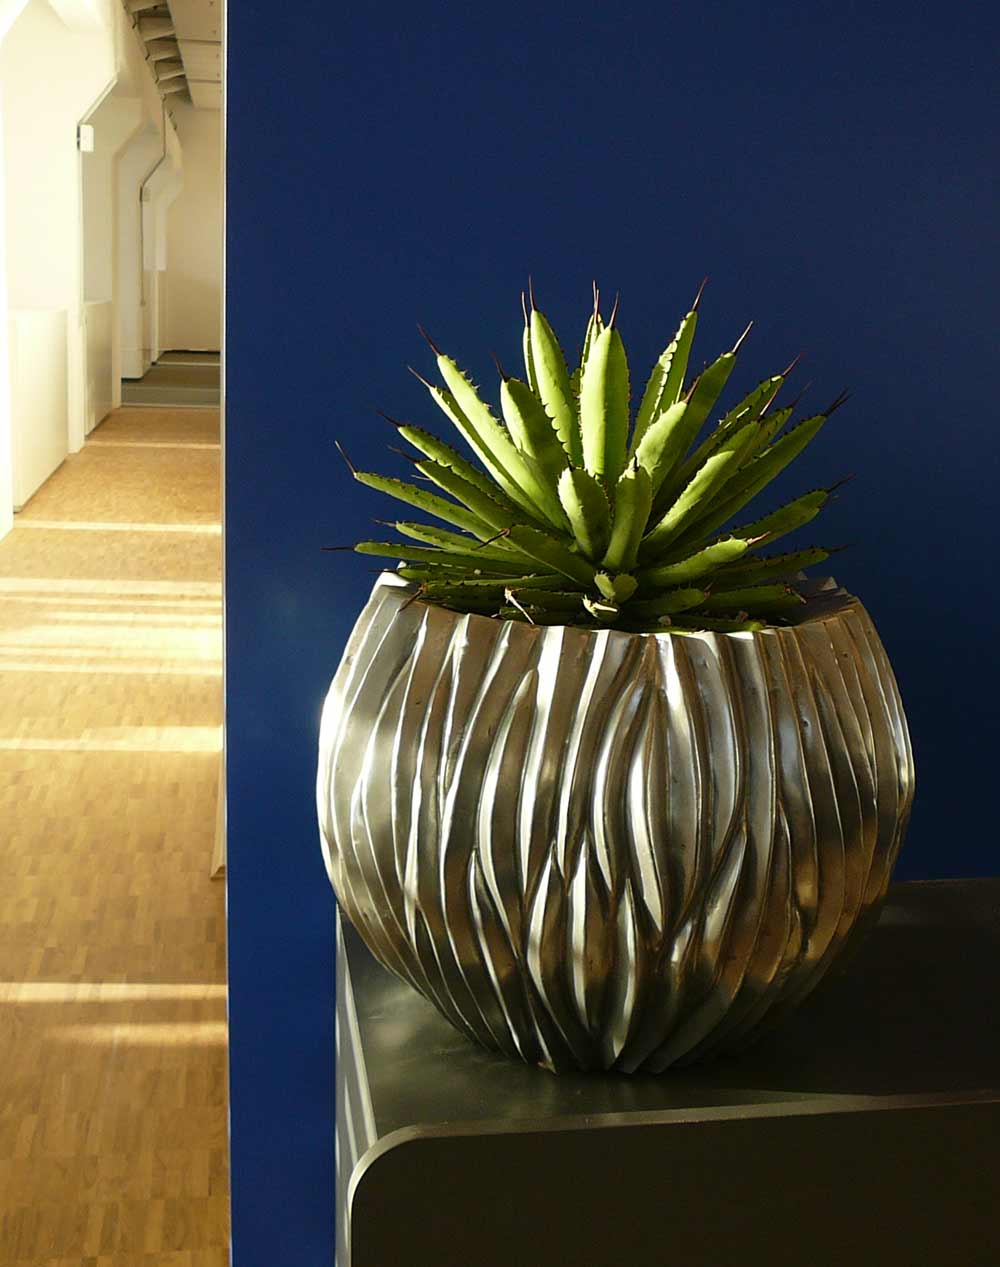 Pflanzgefäß auf Empfangstresen, Agave Zimmerpflanze